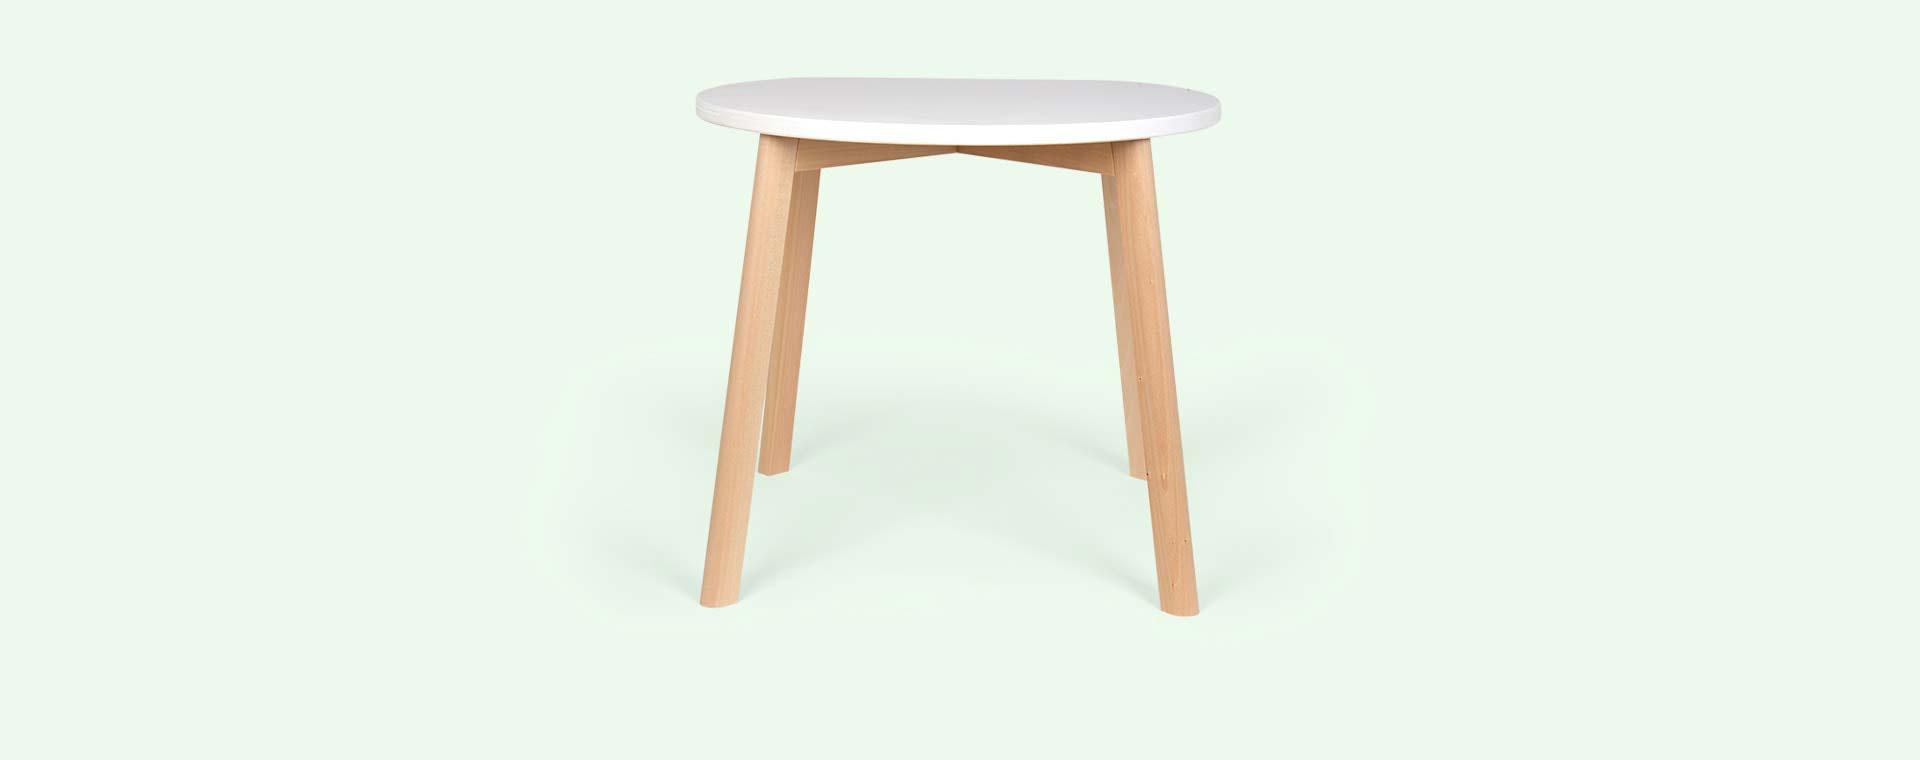 White Ooh Noo Double-O Table